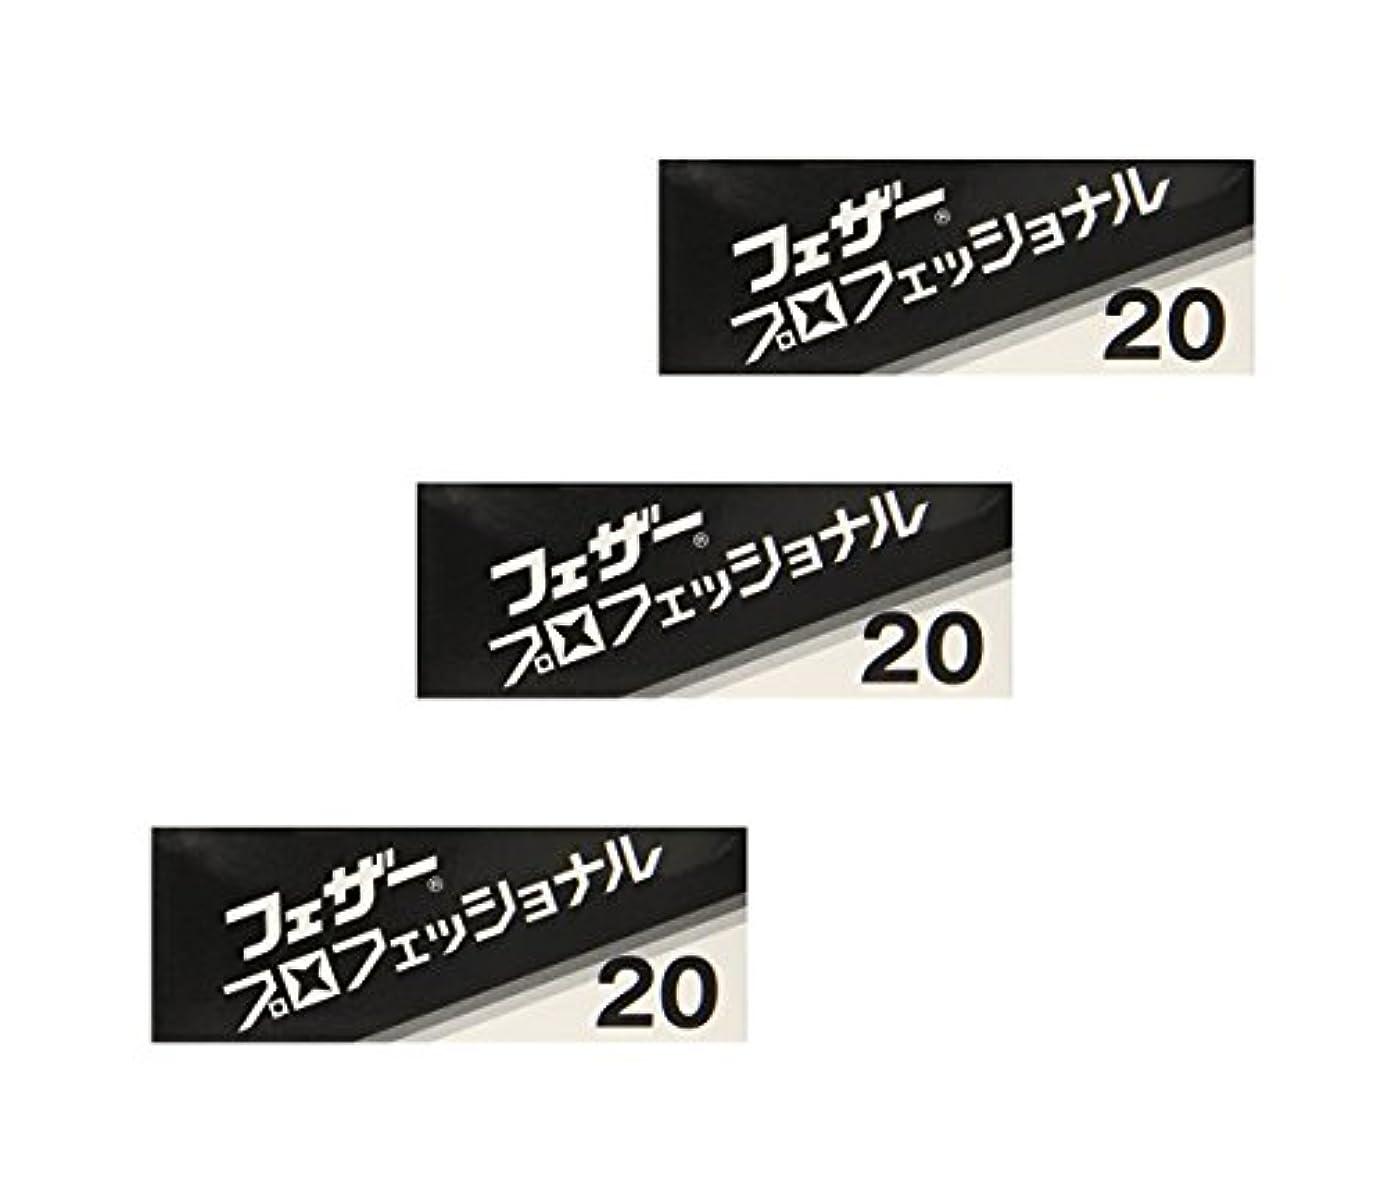 グリルバランス侵入する【3個セット】 フェザー プロフェッショナルブレイド 20枚入 PB-20